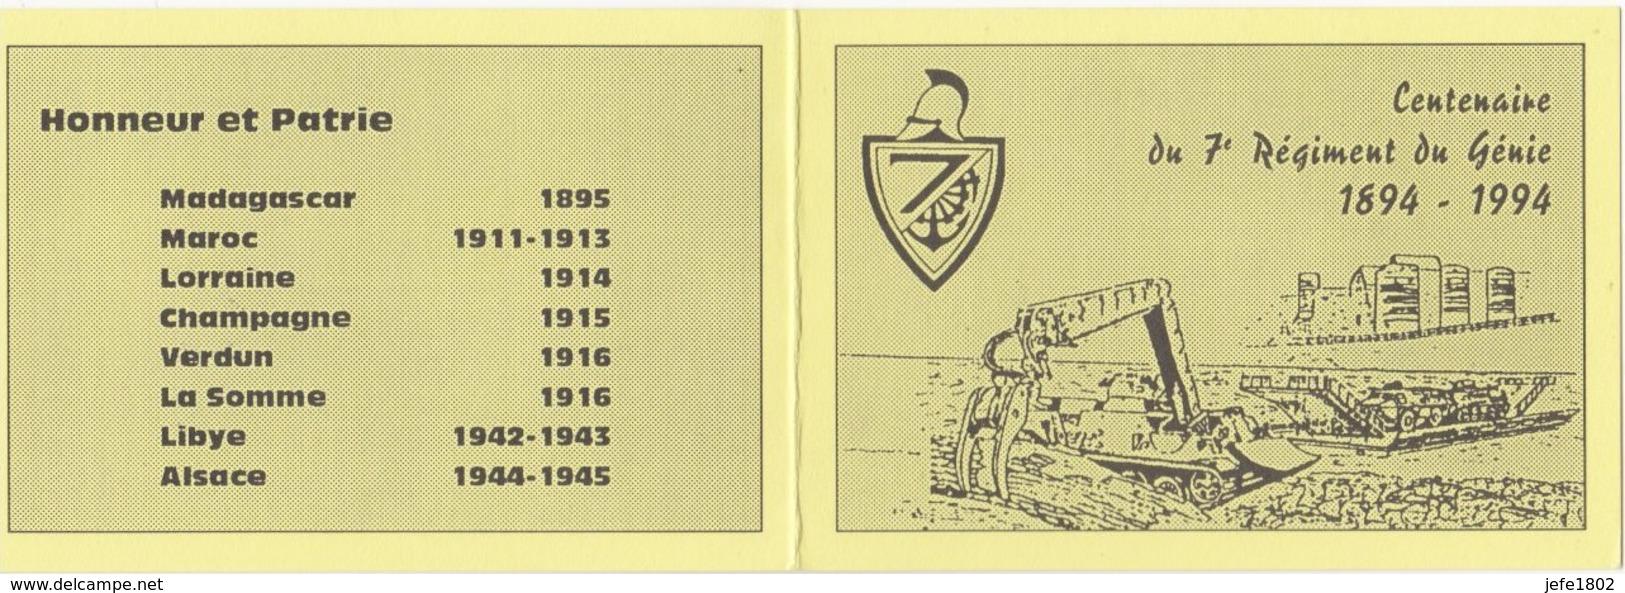 Centenaire Du 7° Régiment Du Génie 1894 - 1994 - Commémoratifs